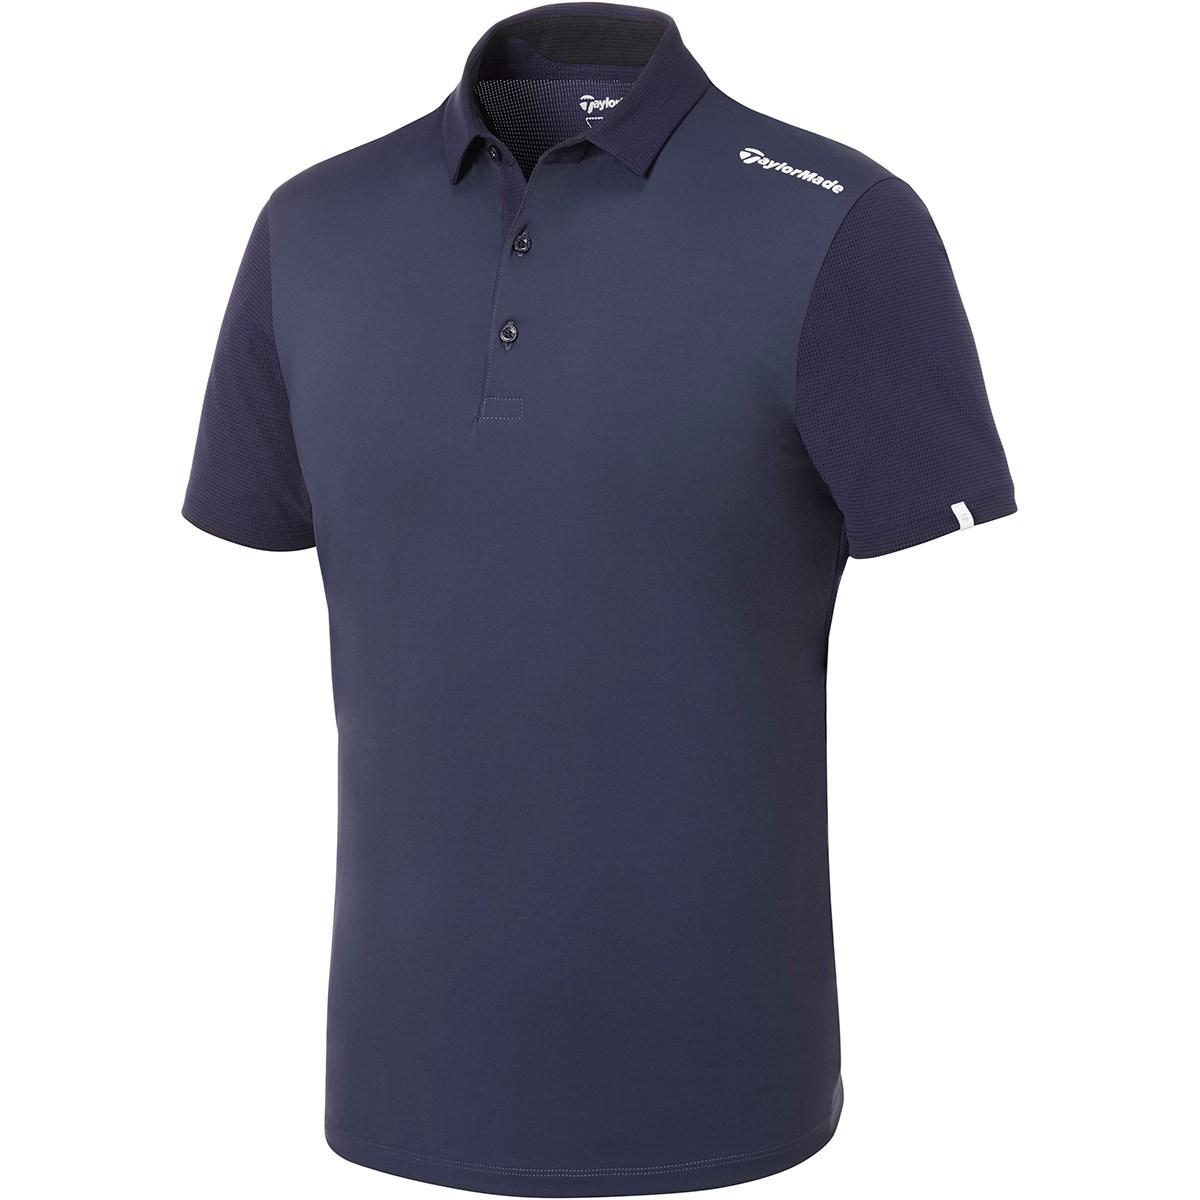 テーラーメイド(Taylor Made) ストレッチ テイラードサマー 半袖ポロシャツ